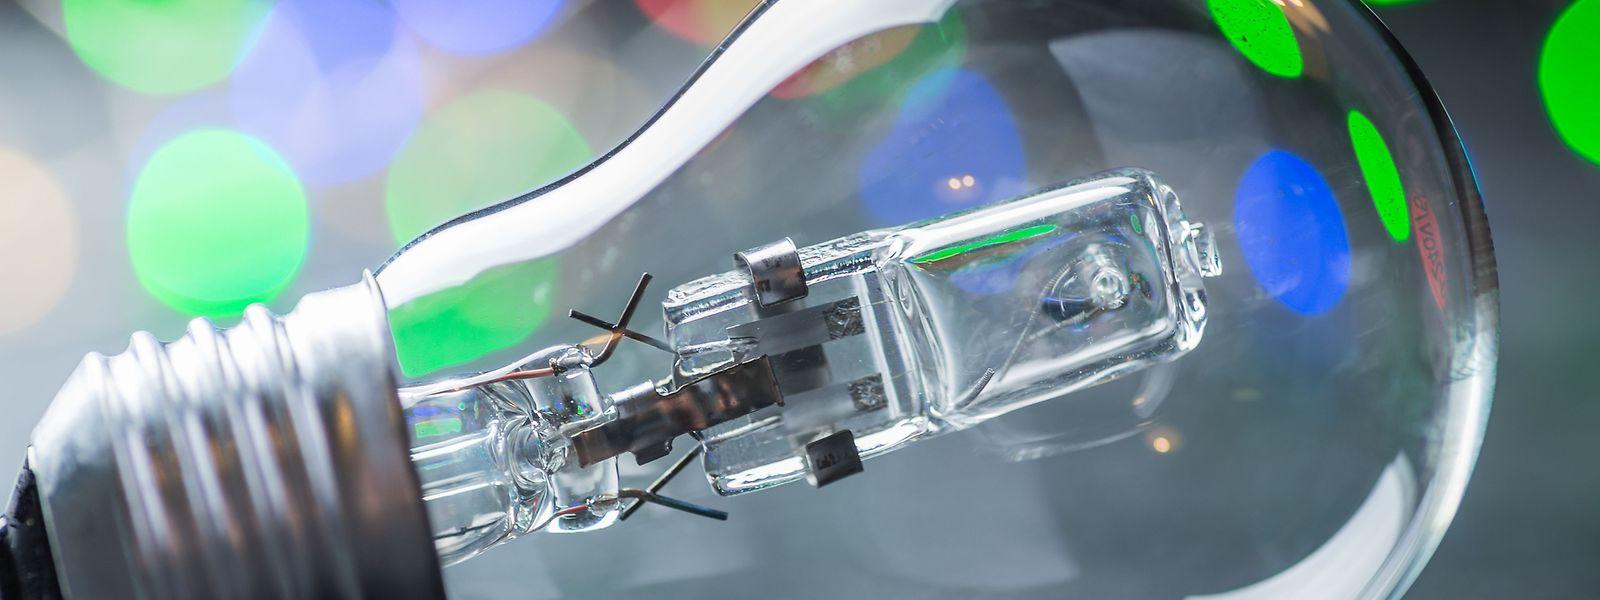 Leuchtdioden, kurz LEDs, gelten als energieeffiziente Mittel zur Beleuchtung.